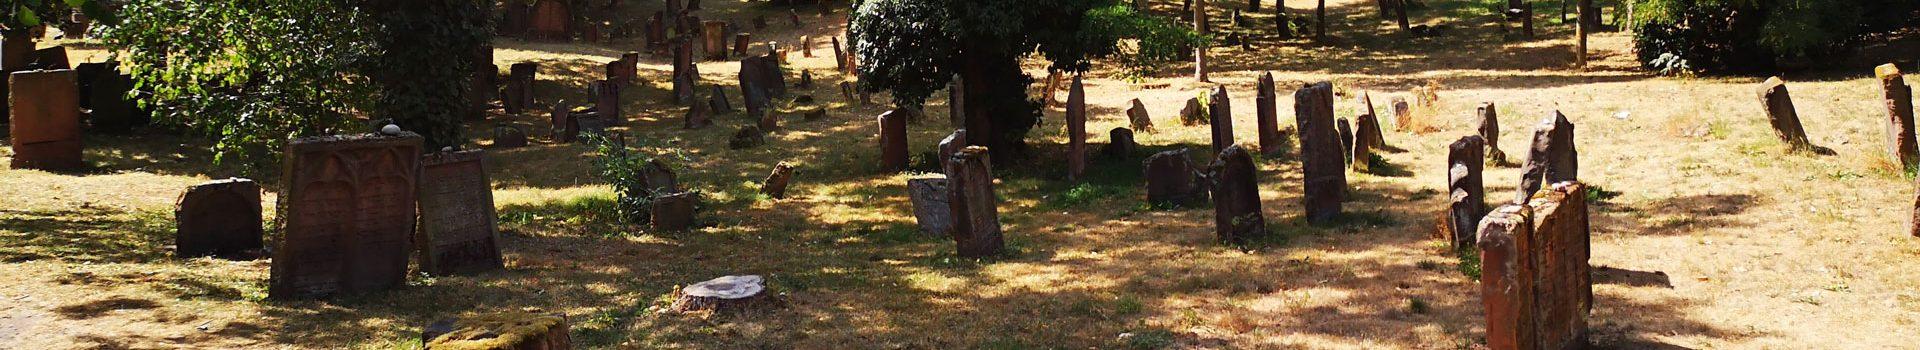 """""""Heiliger Sand"""" – Fotos vom ältesten jüdischen Friedhof Europas in Worms"""